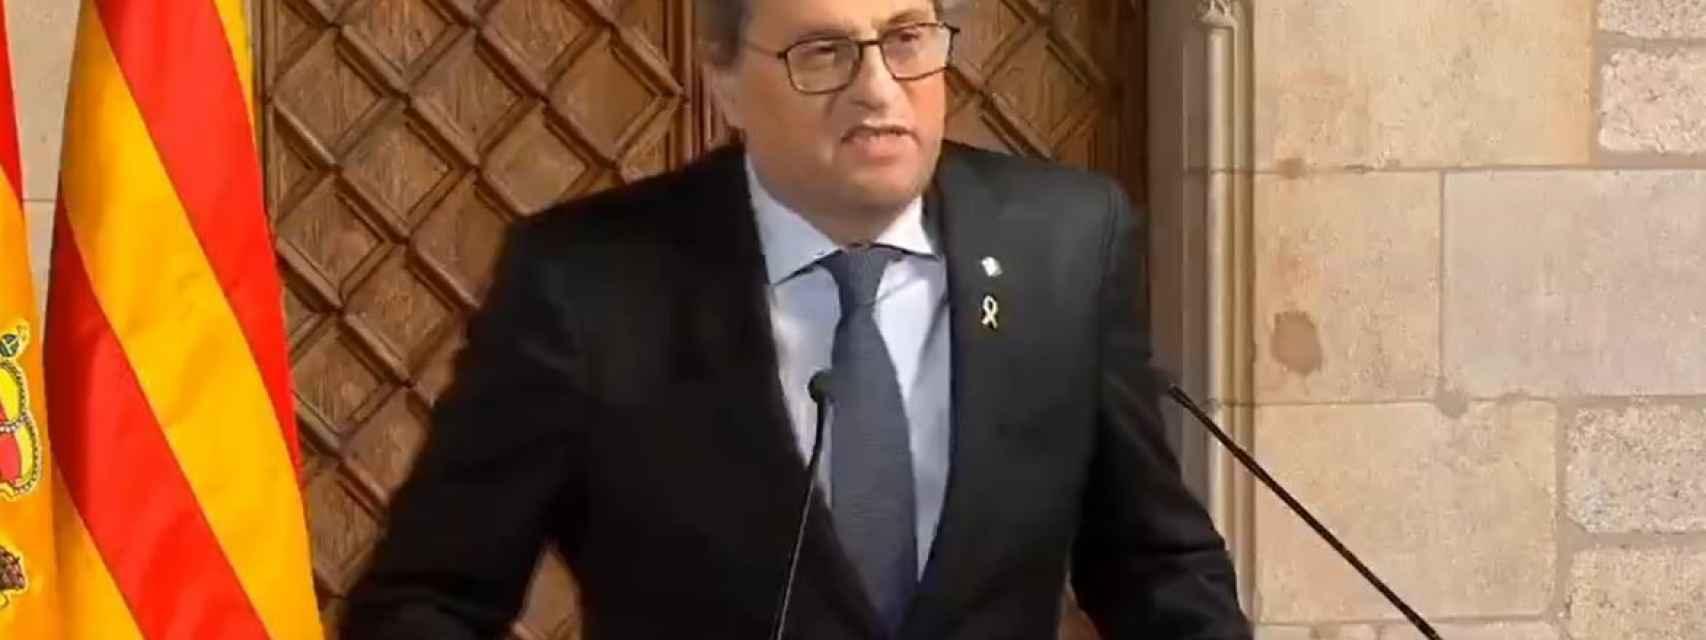 Directo   Sánchez pide dejar atrás la judicialización de la política porque la ley por sí sola no basta